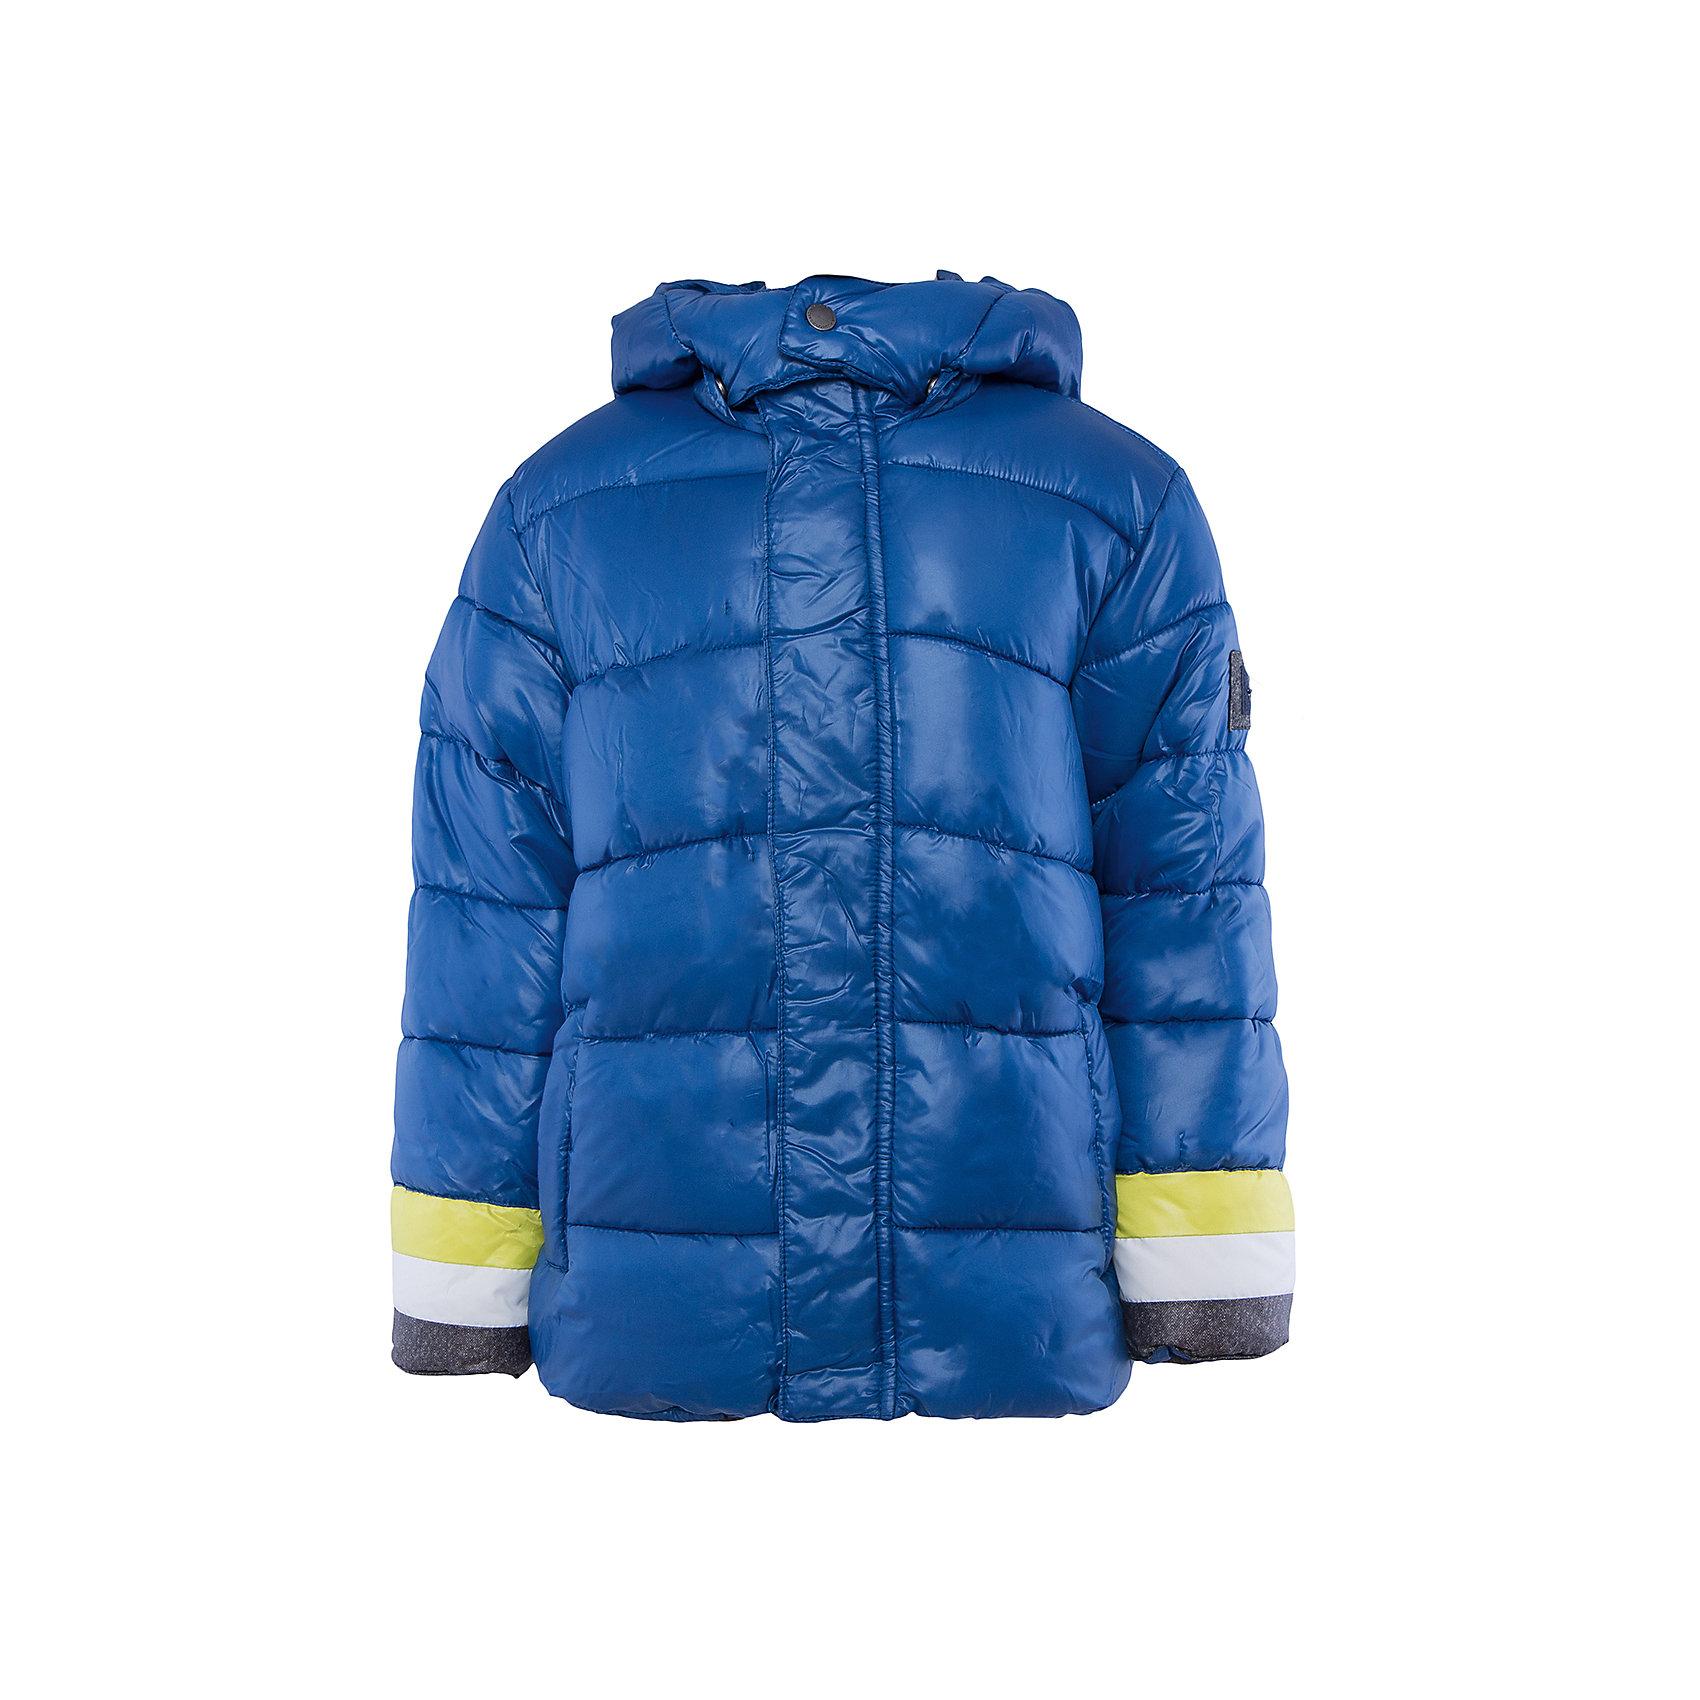 Куртка для мальчика MayoralДемисезонные куртки<br>Куртка для мальчика известной испанской марки Mayoral.<br><br>Ширина мм: 356<br>Глубина мм: 10<br>Высота мм: 245<br>Вес г: 519<br>Цвет: синий<br>Возраст от месяцев: 156<br>Возраст до месяцев: 168<br>Пол: Мужской<br>Возраст: Детский<br>Размер: 158/164,128/134,140/146,146/152,152/158,164/170<br>SKU: 4827106